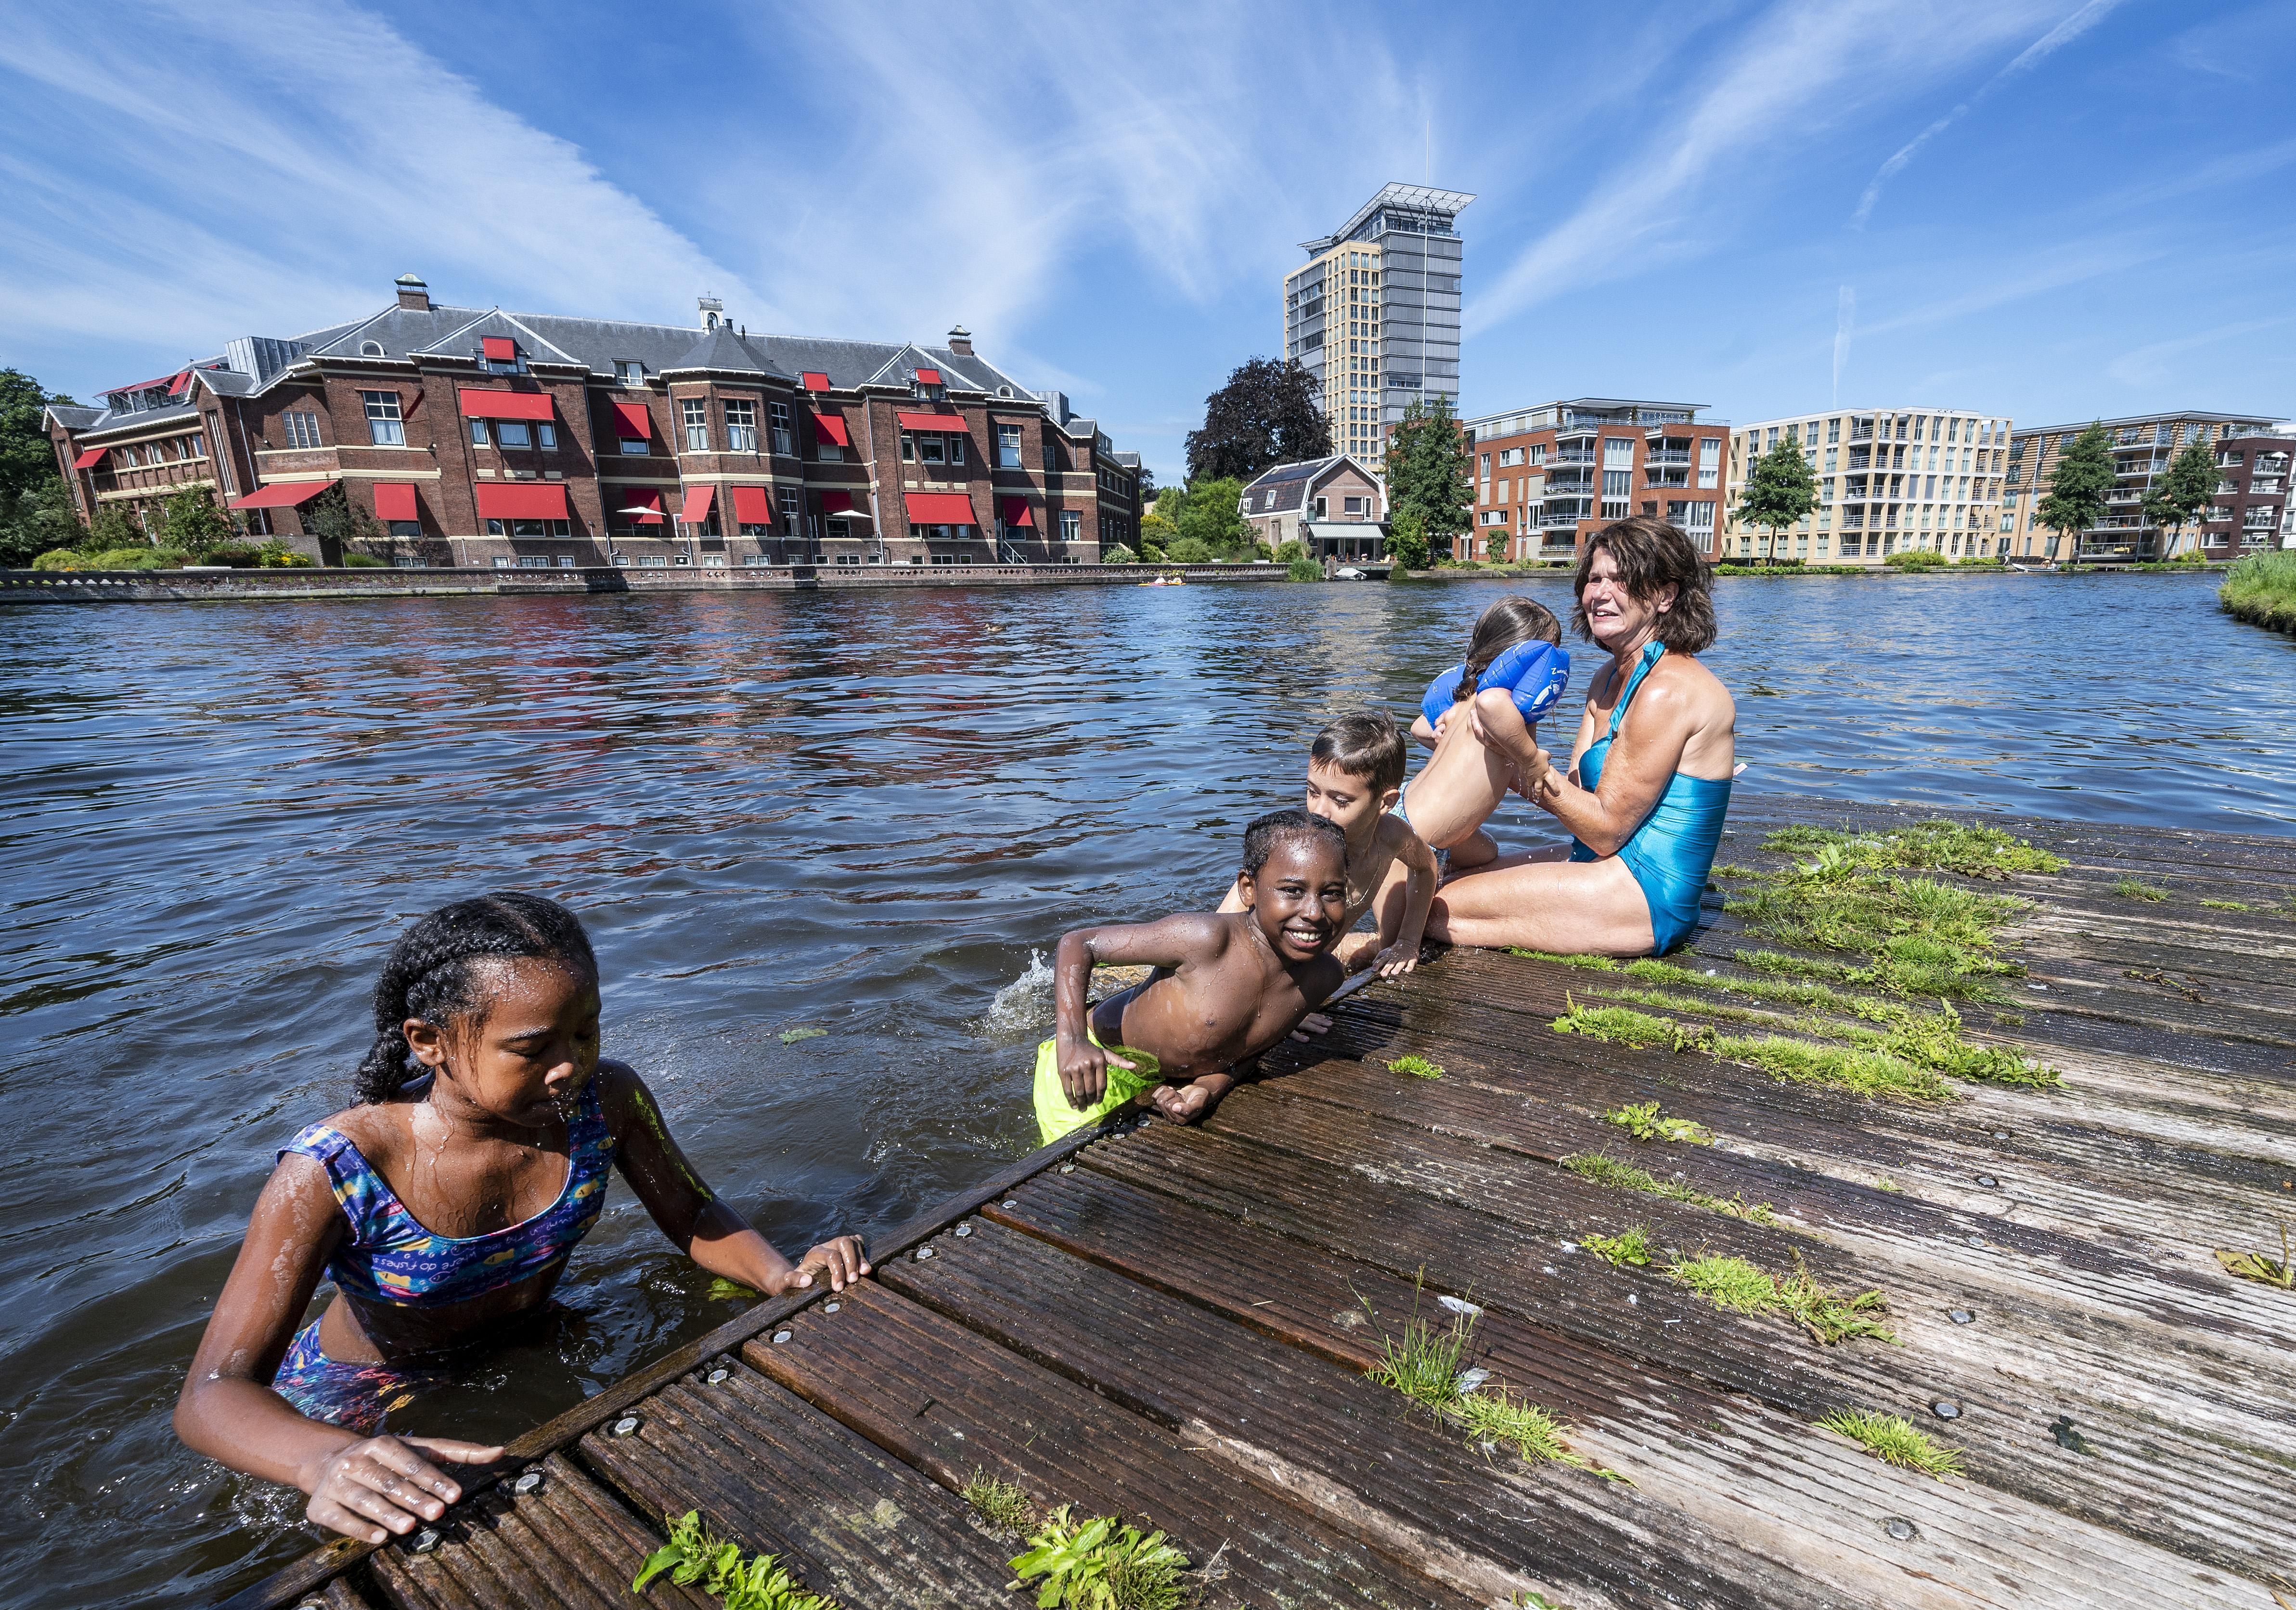 Ergernis over 'labbekakkerige' houding gemeente: 'Zorg dat kinderen kunnen zwemmen in het Spaarne en laat die fijne drenkelingenladder hangen!'